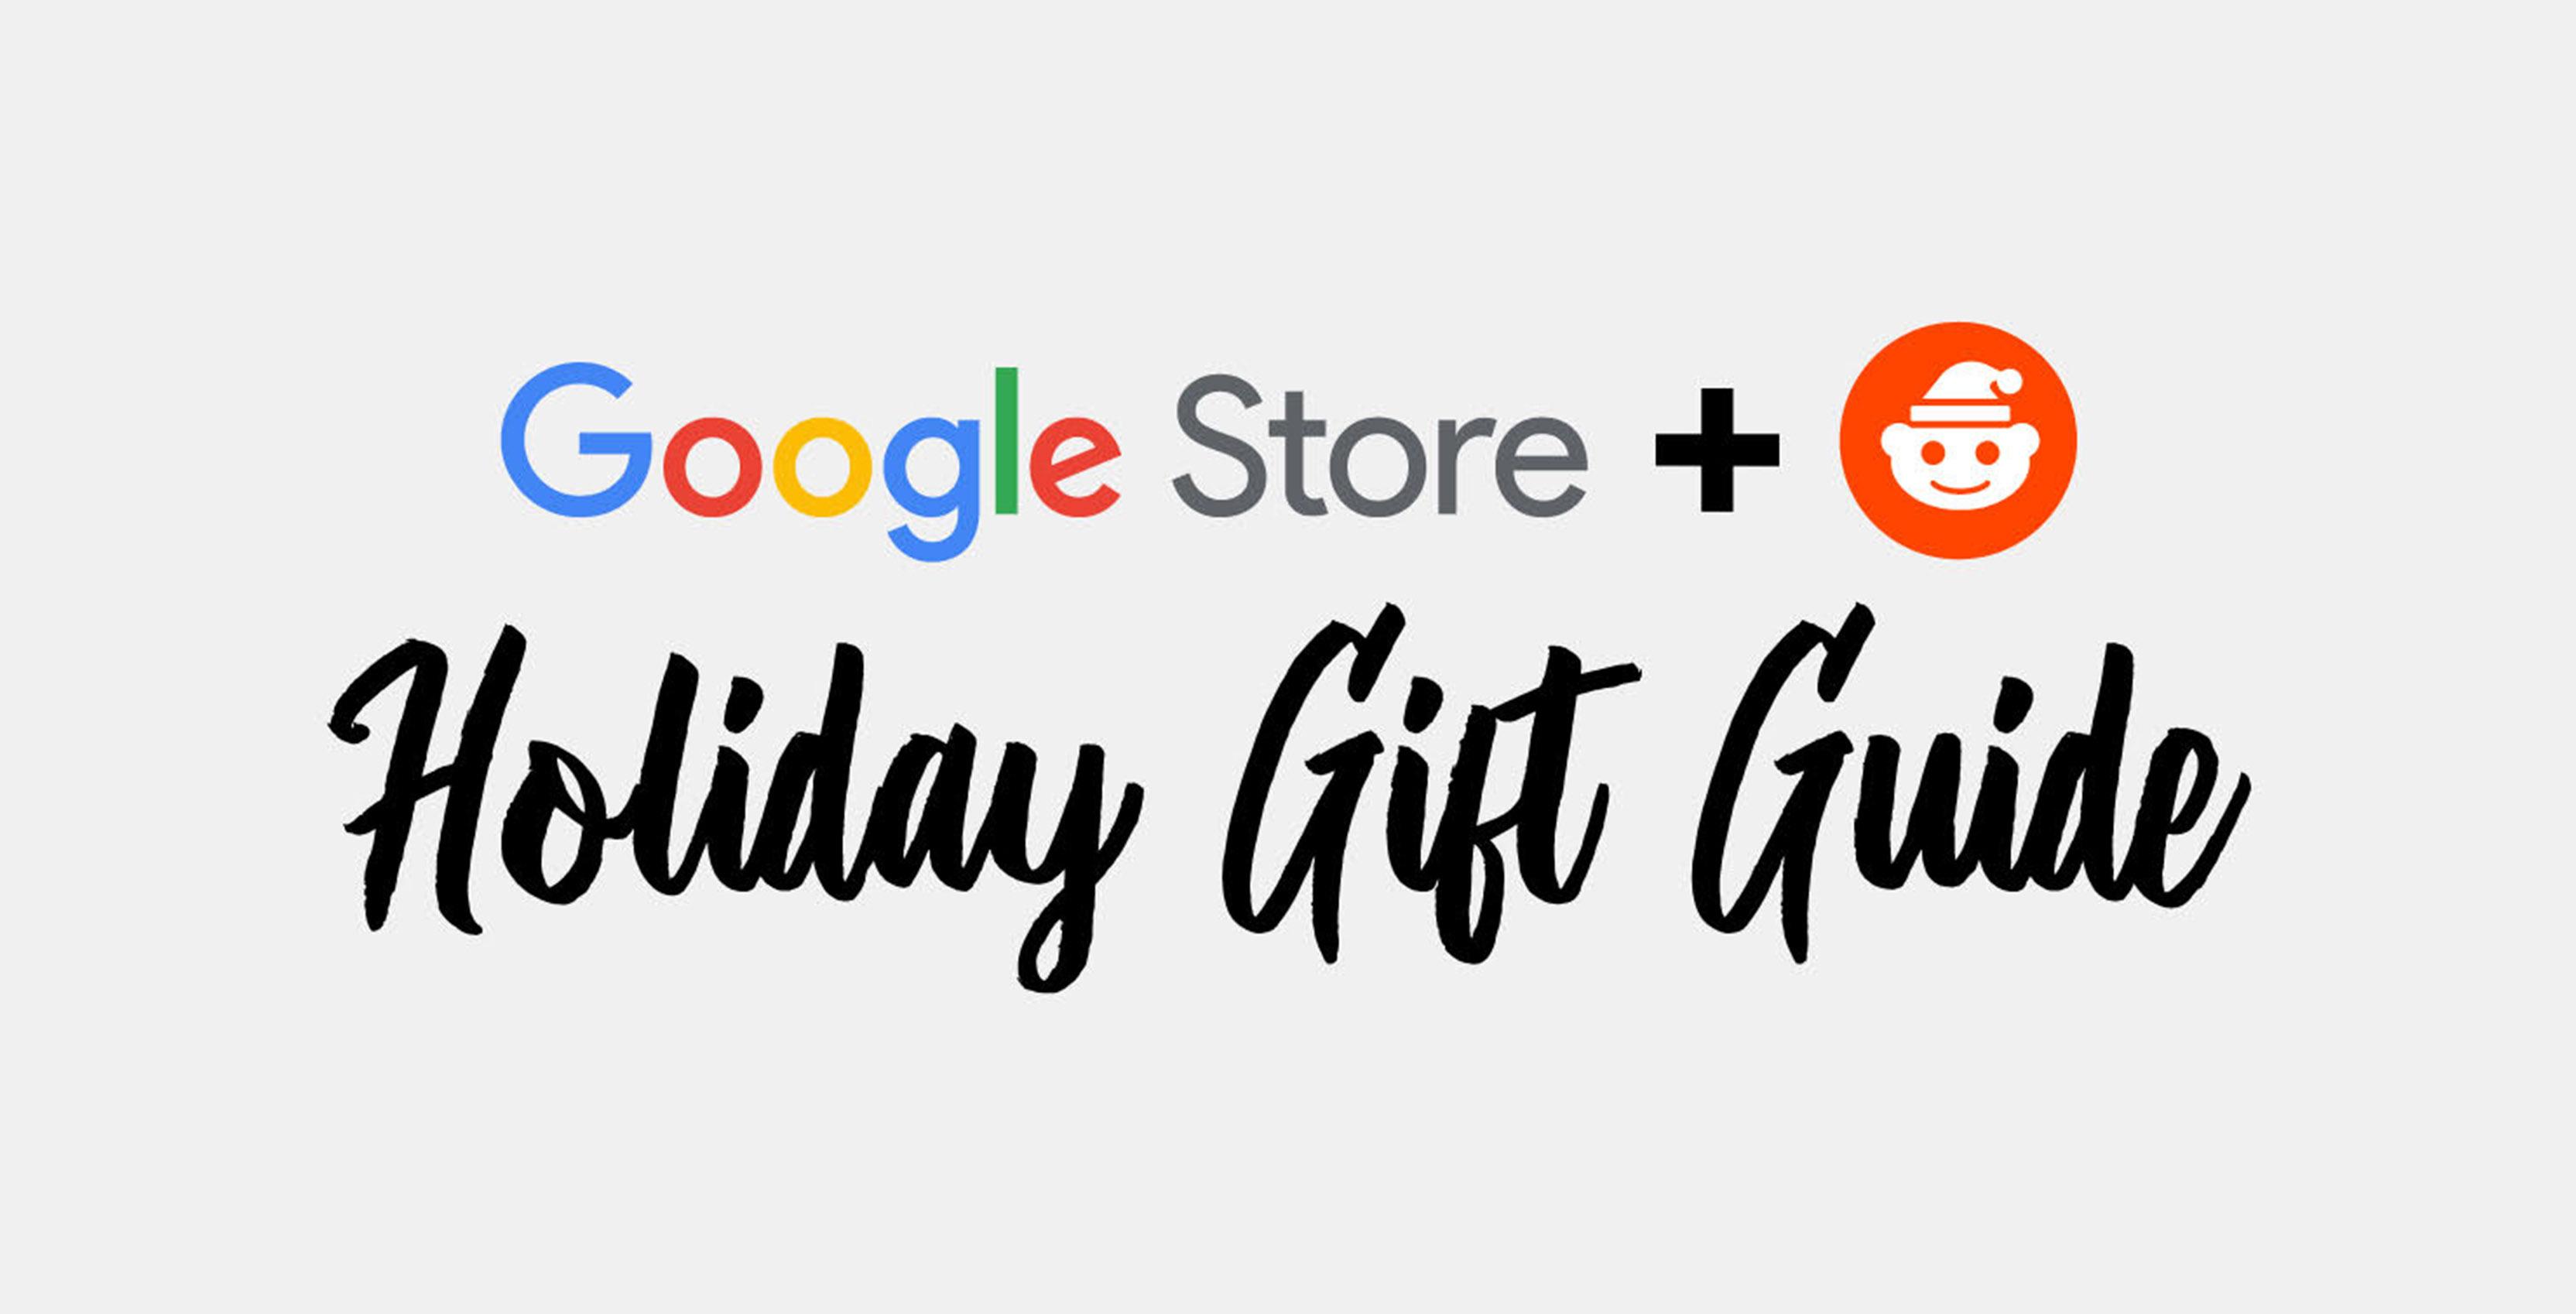 Google and Reddit 2018 Secret Santa Gift Exchange